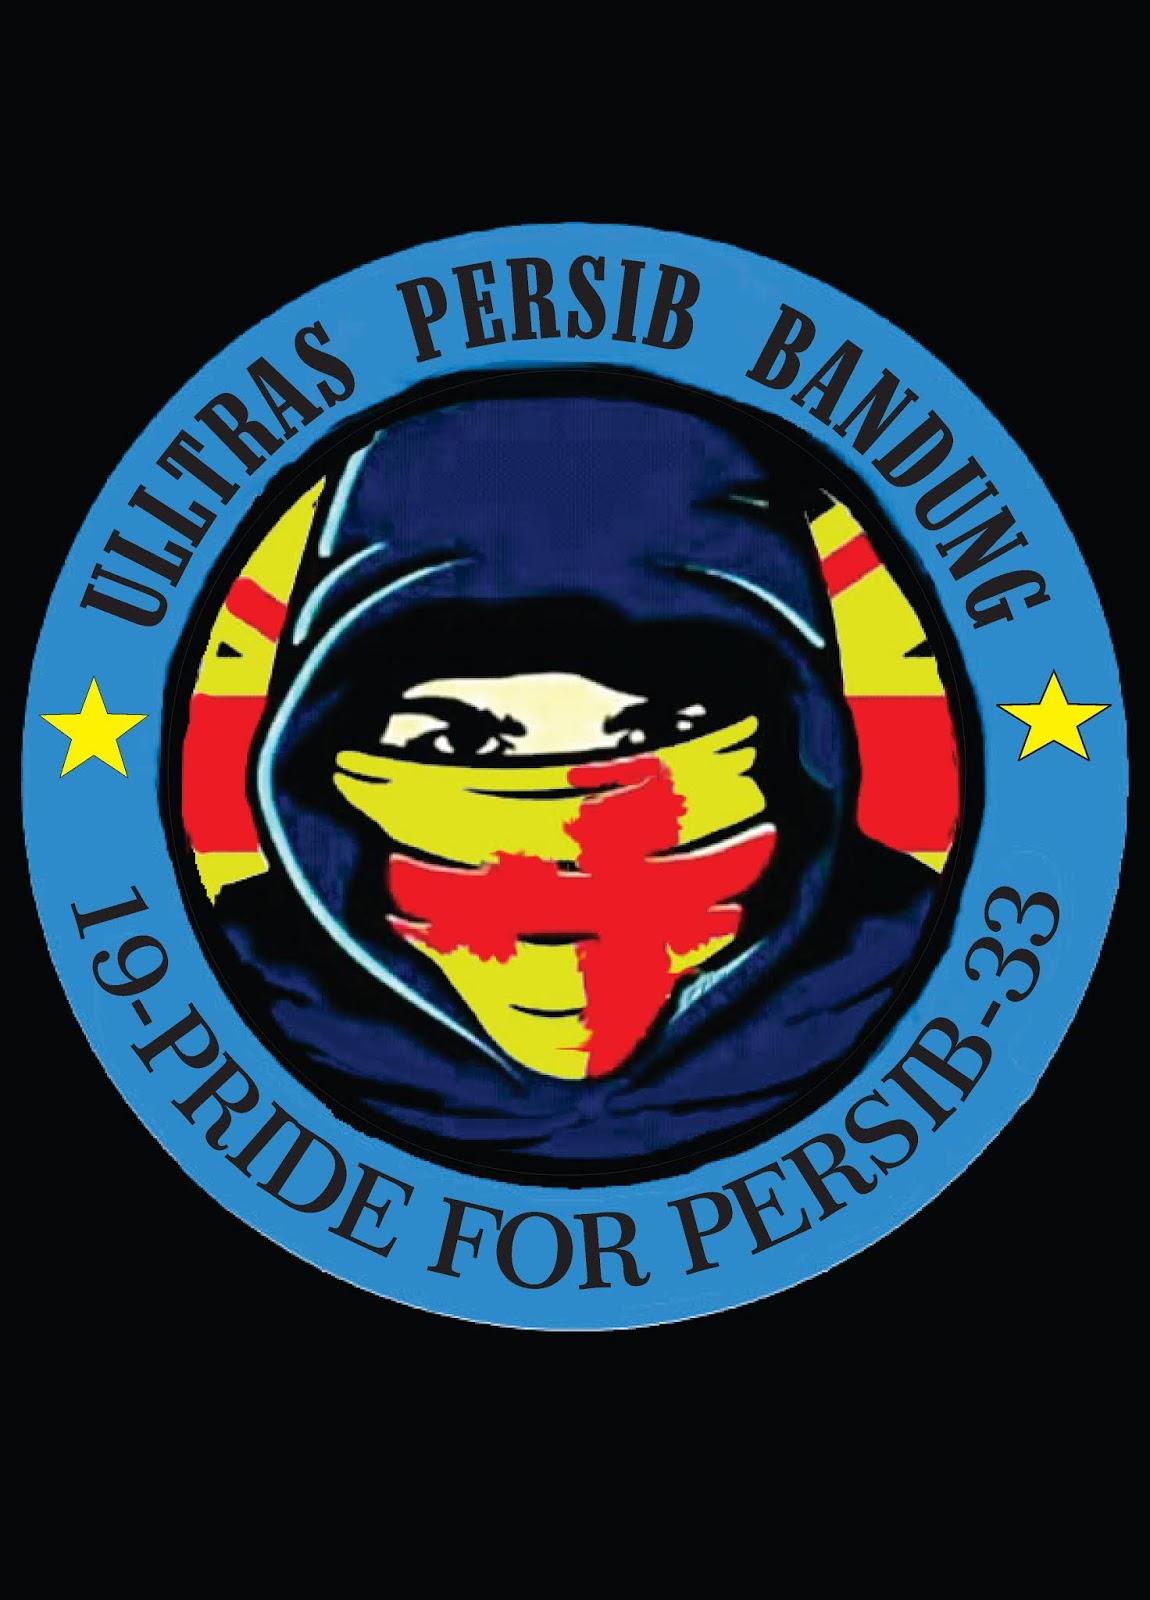 4600 Koleksi Gambar Keren Logo Persib Bandung Gratis Terbaru